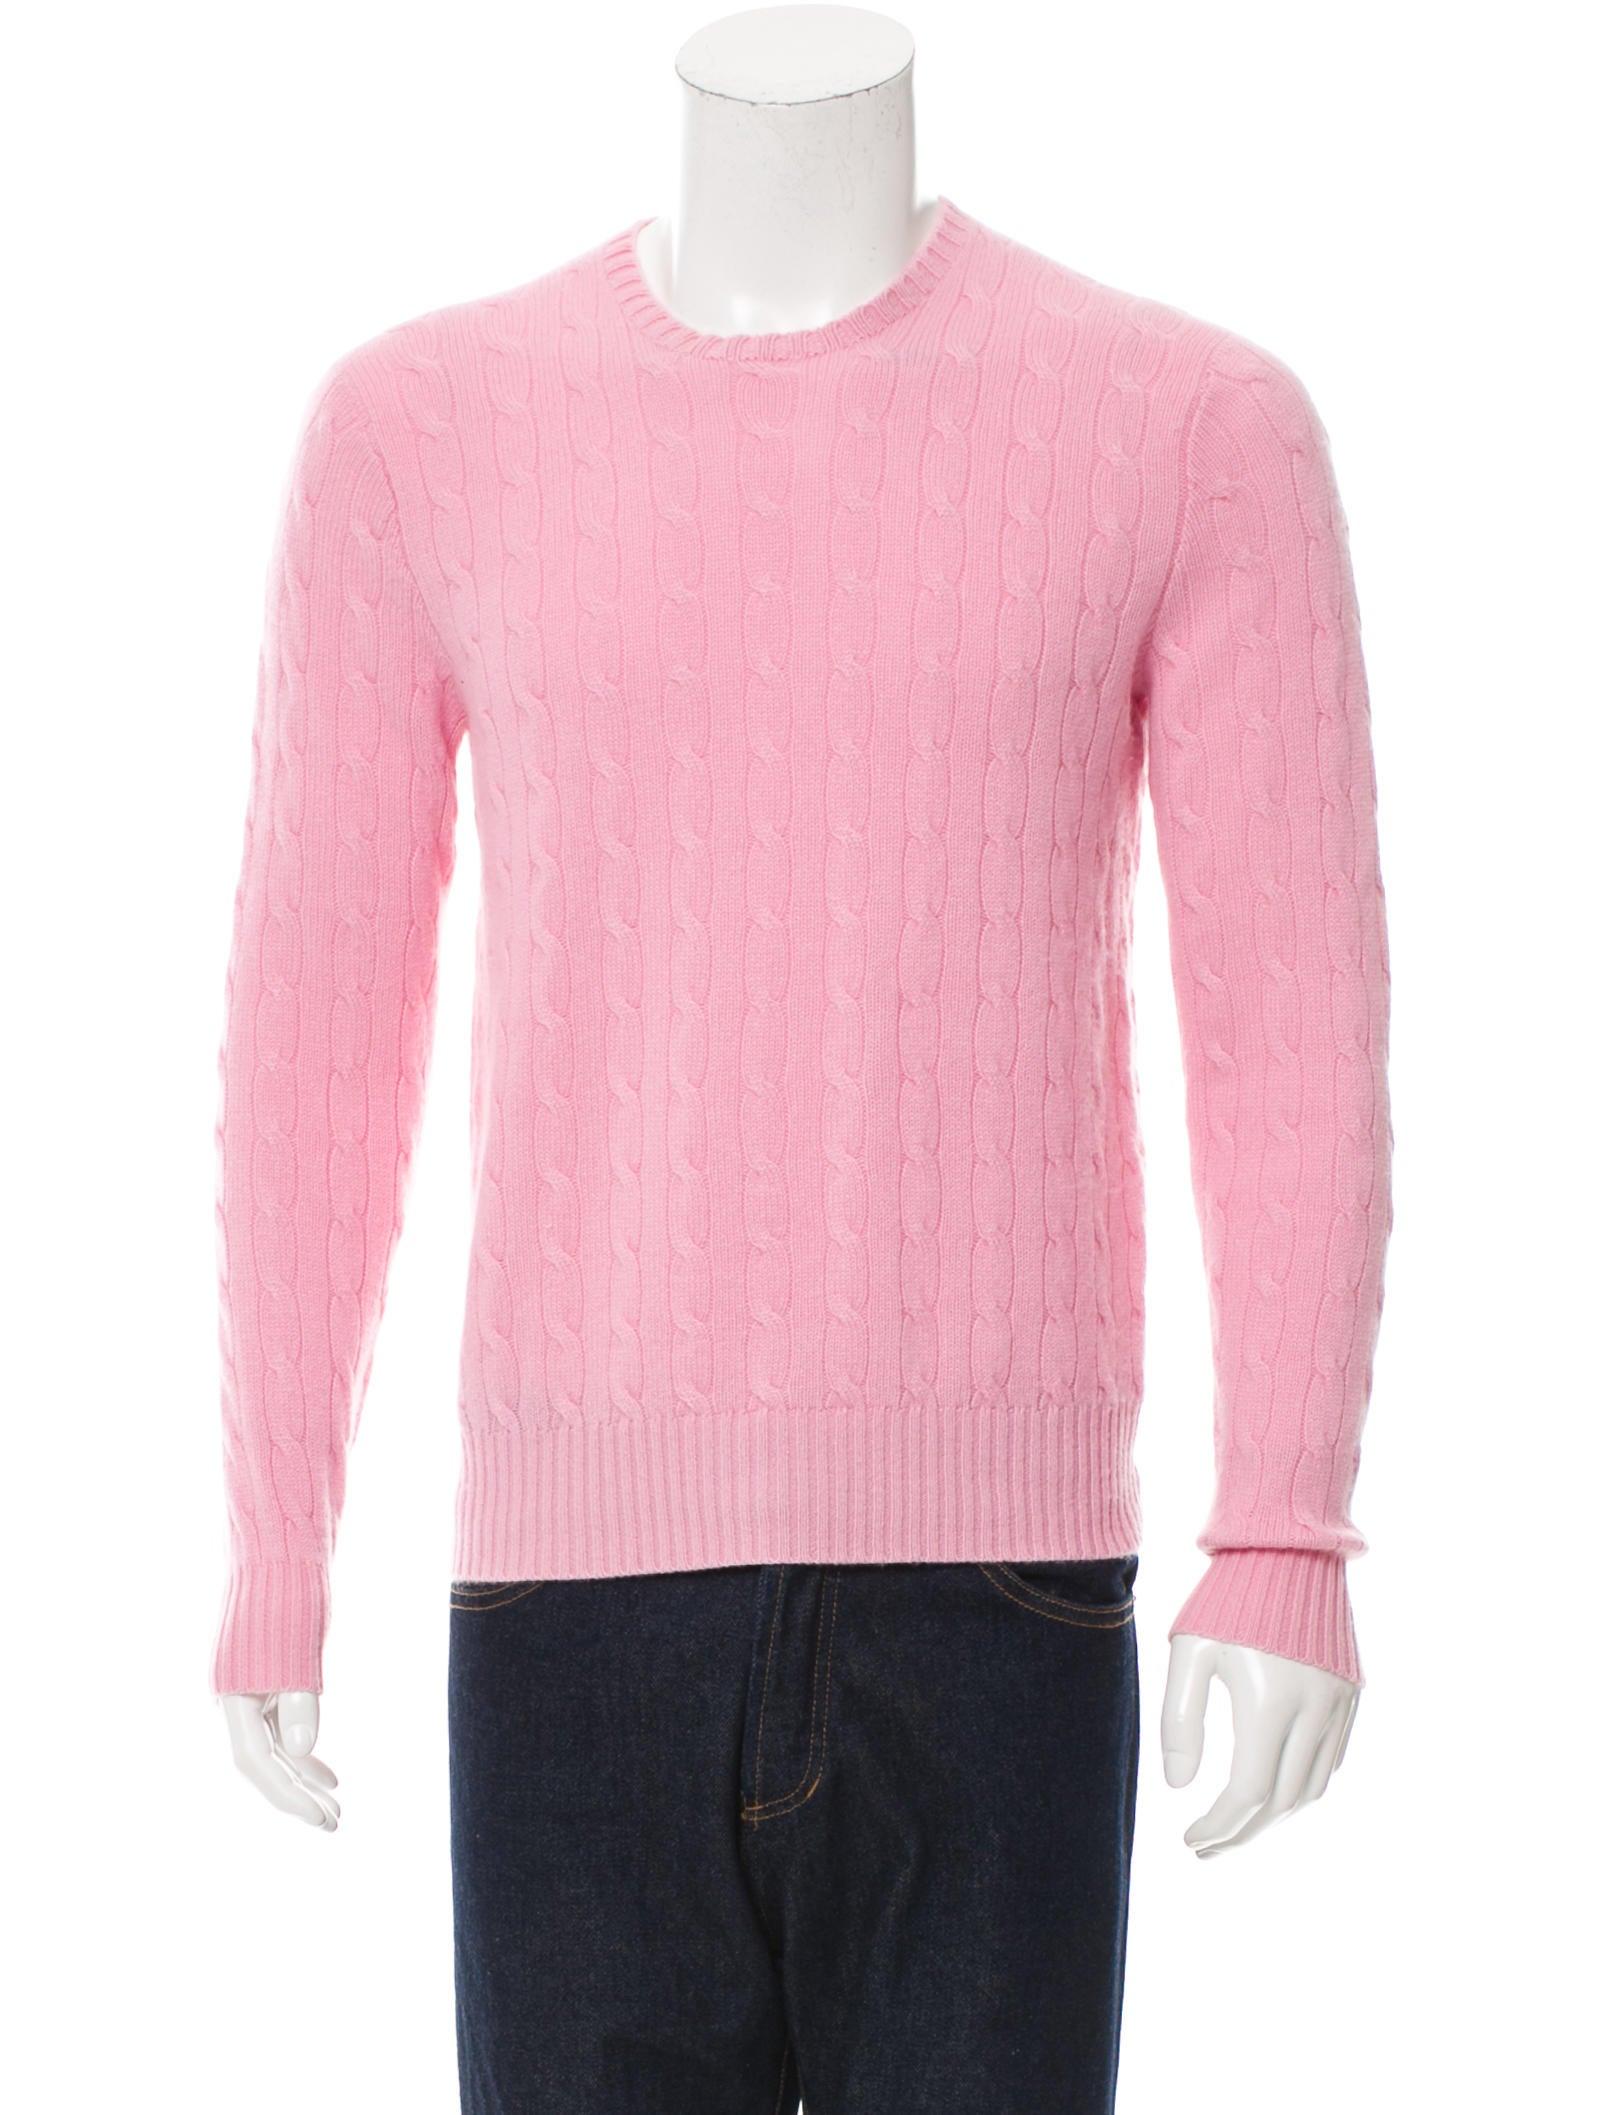 Polo sweater hoodie